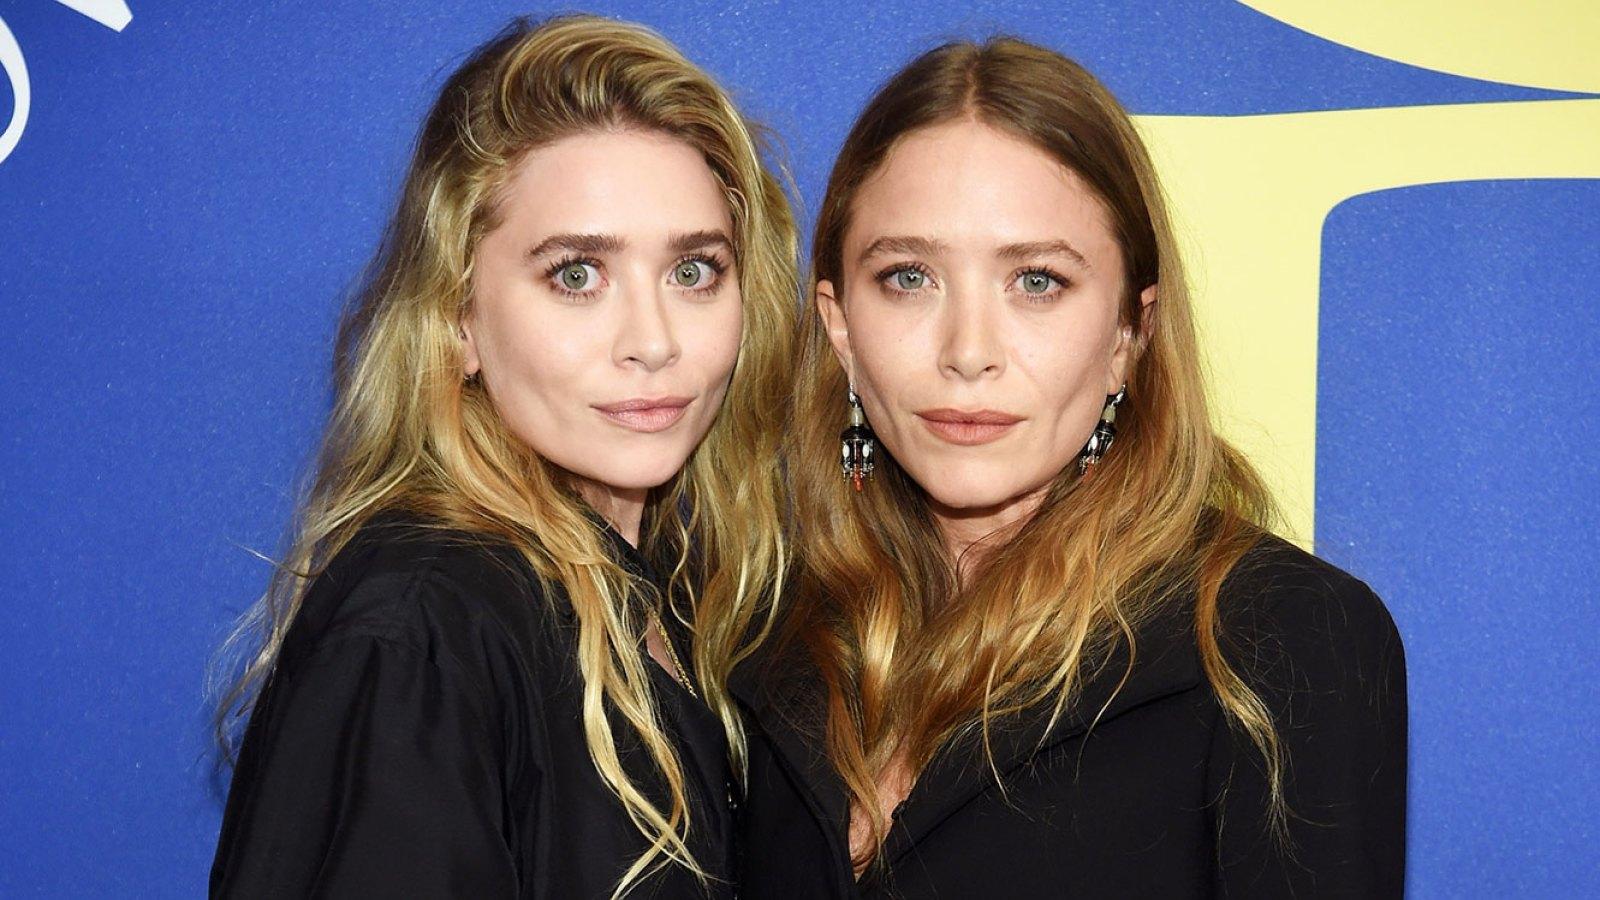 Los estudios familiares que incluyen gemelos idénticos, sugieren que el riesgo de una persona de convertirse en adicto depende de su composición genética.